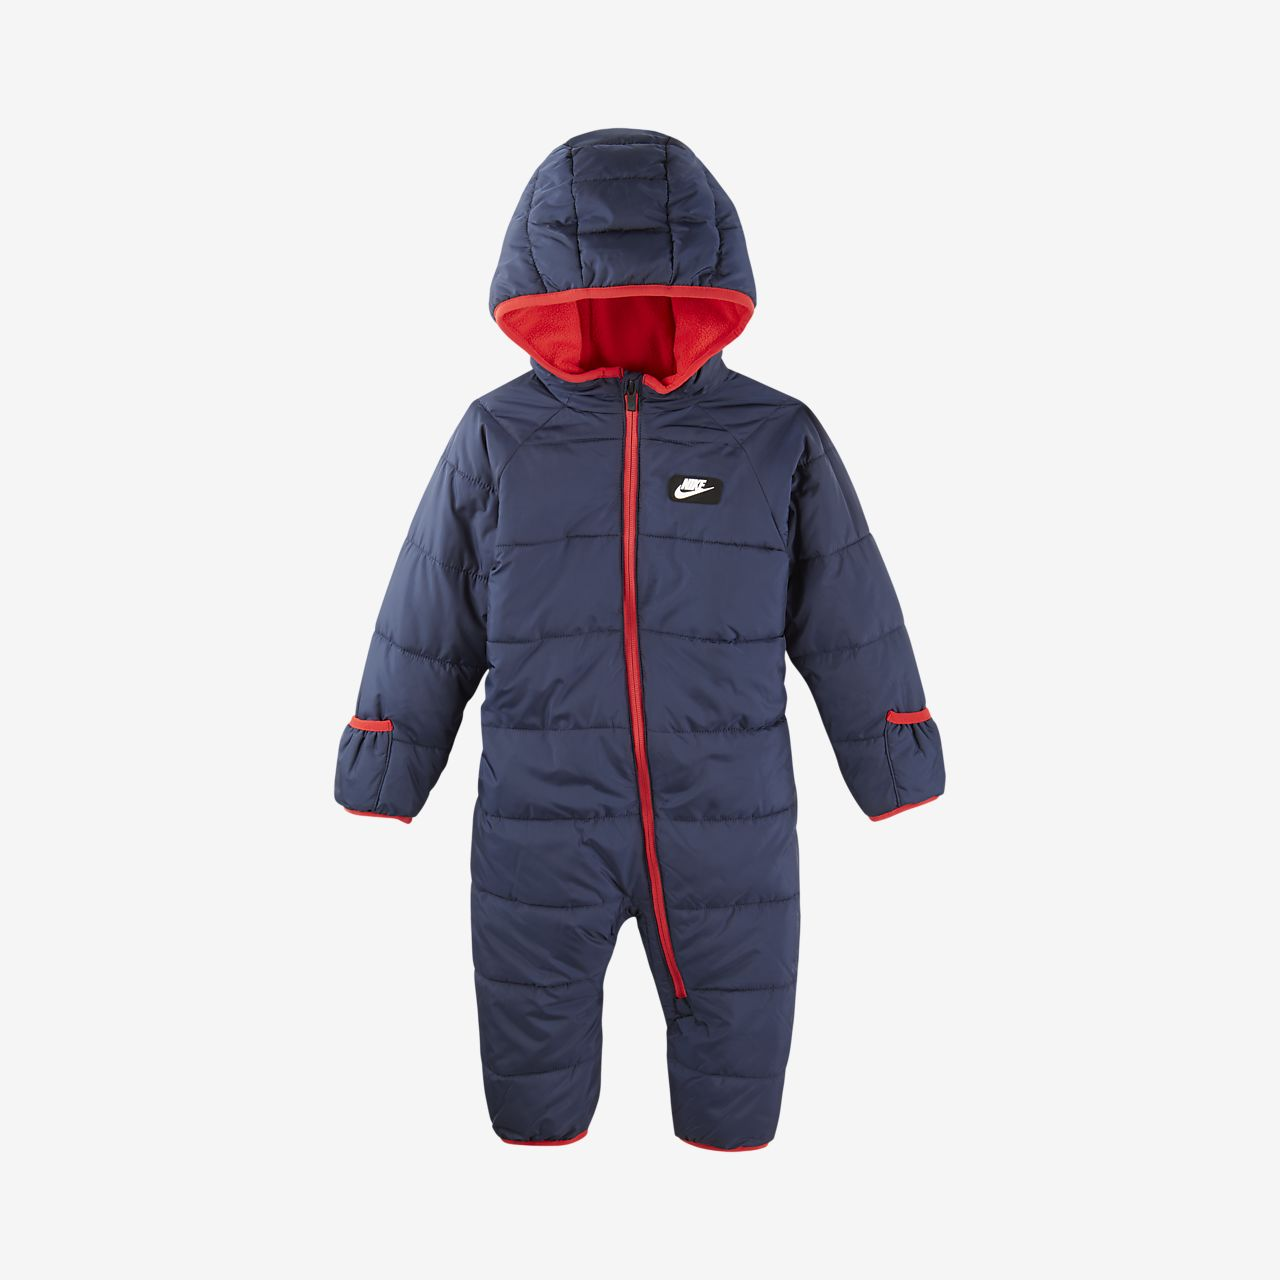 Combinaison de ski rembourrée Nike pour Bébé (12 - 24 mois)